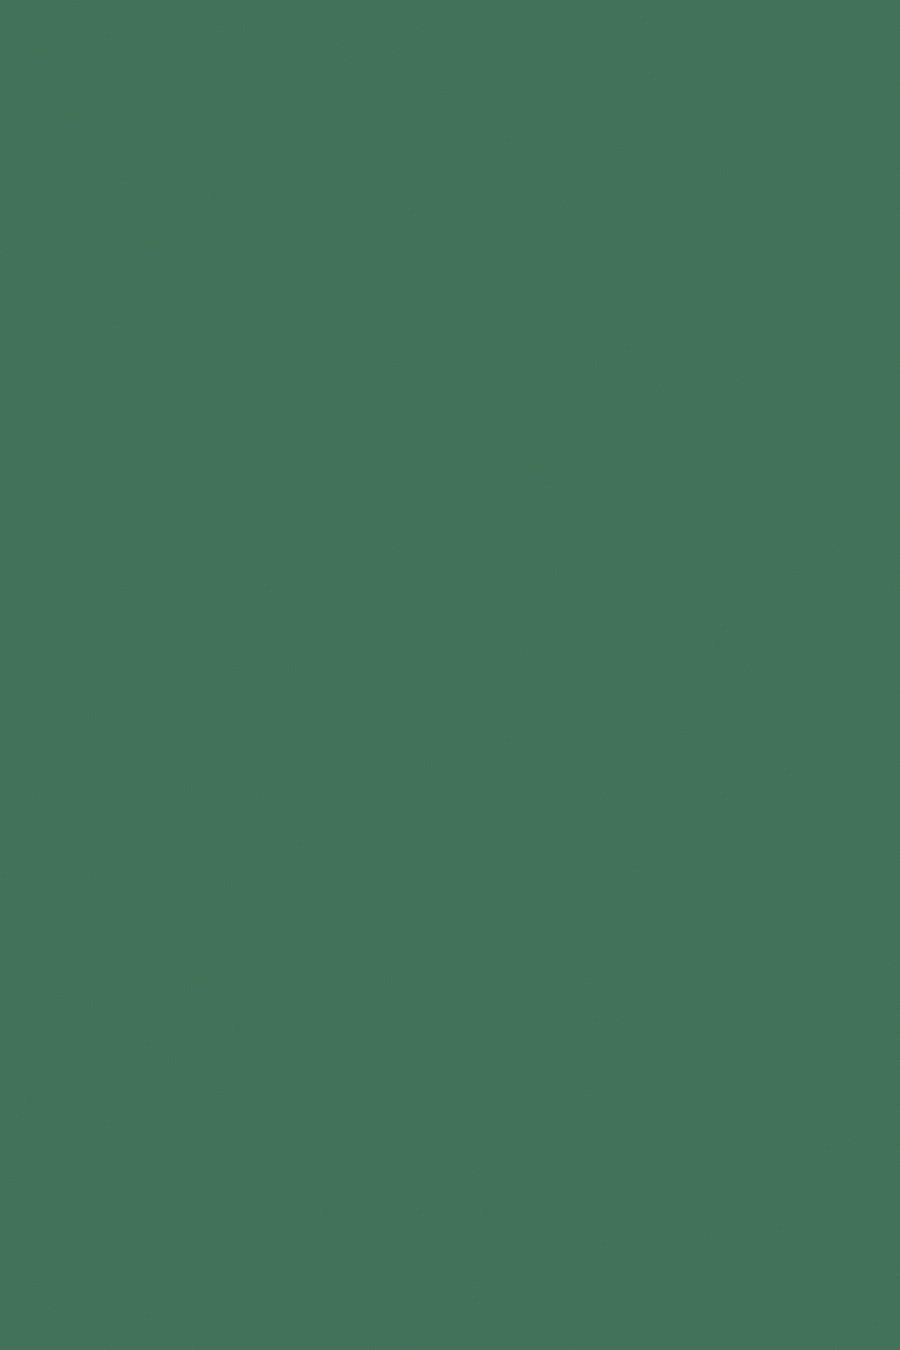 Pacon 12' x 18' Spectra(R) Art Tissue, Emerald 0059137